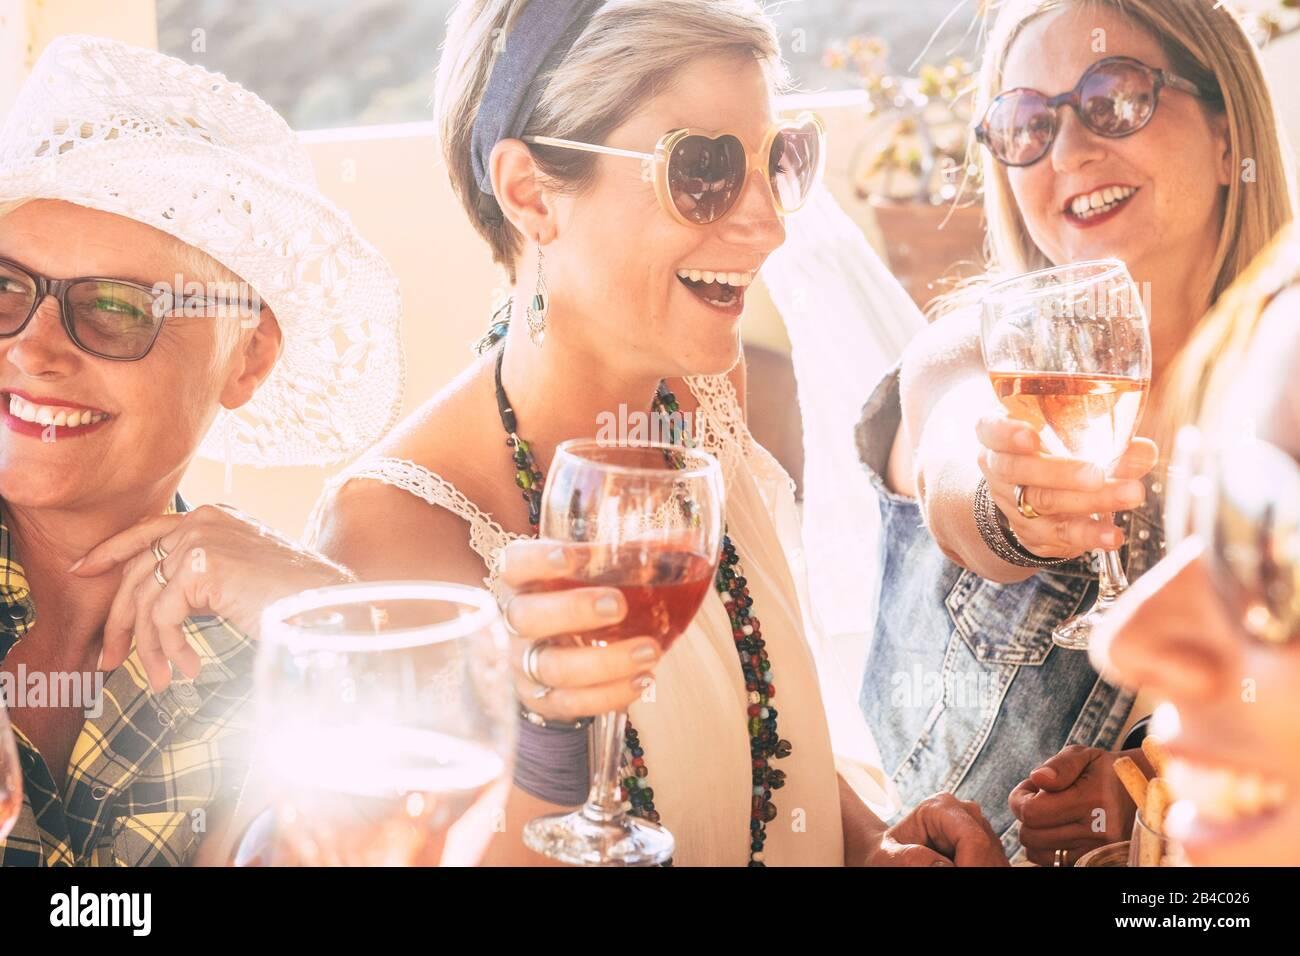 Nahaufnahme von fröhlichen fröhlichen Menschen Frauen feiern zusammen mit Rotwein - strahlendes sonniges Bild fröhlich und Freundschaft - junge Seniorinnen lächeln und lachen, Spaß auf der Party zu haben Stockfoto